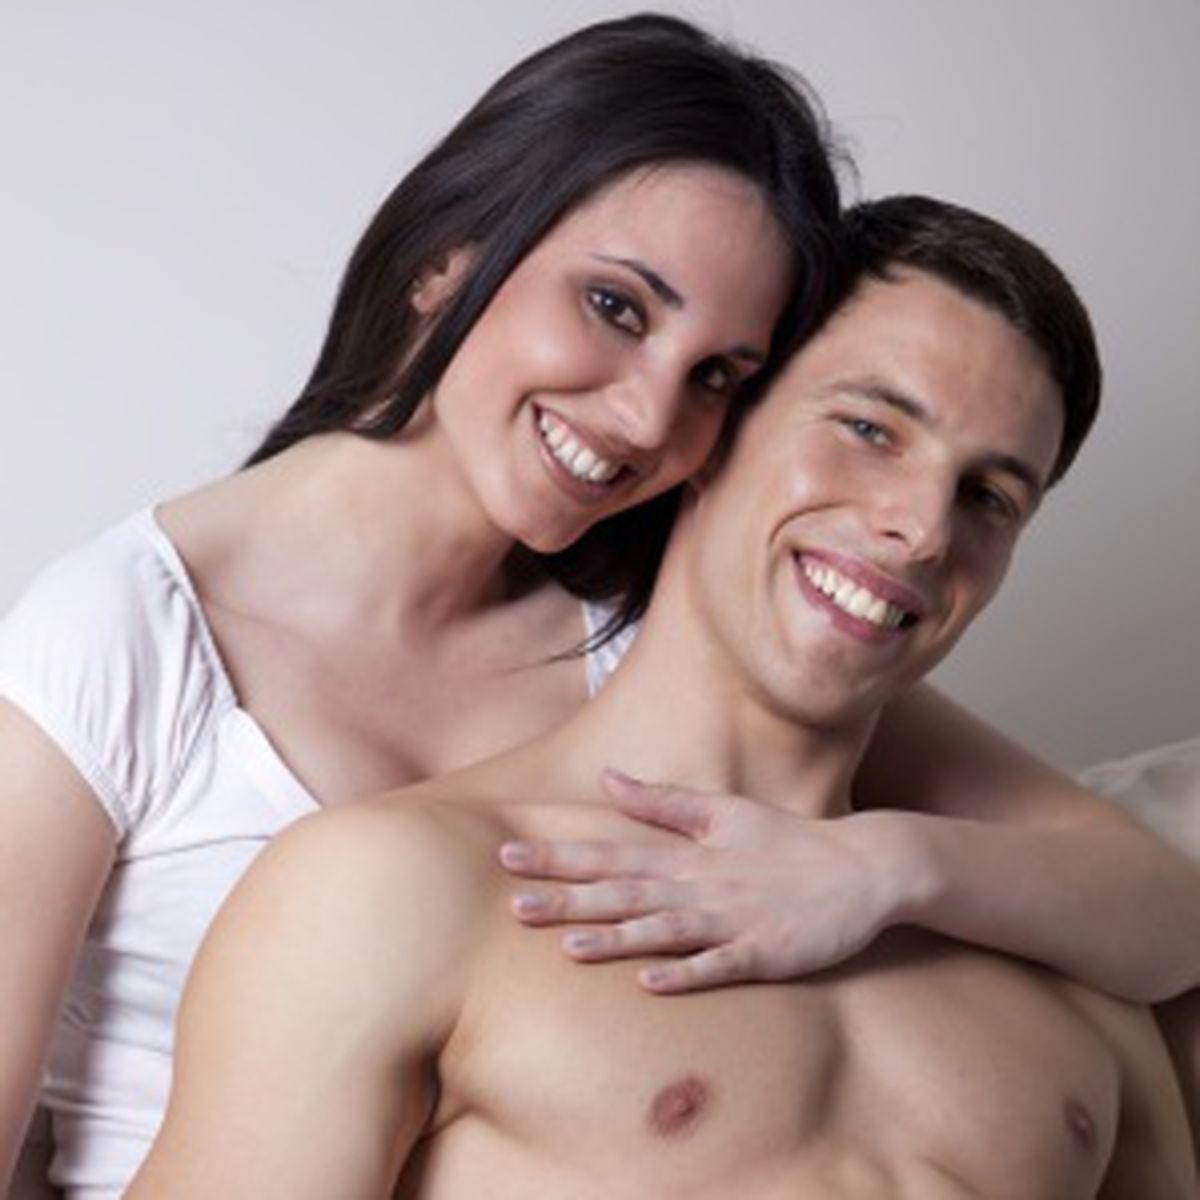 12 lucruri pe care nu le ştiai despre penis | Relaţii | bogdanbarabas.ro